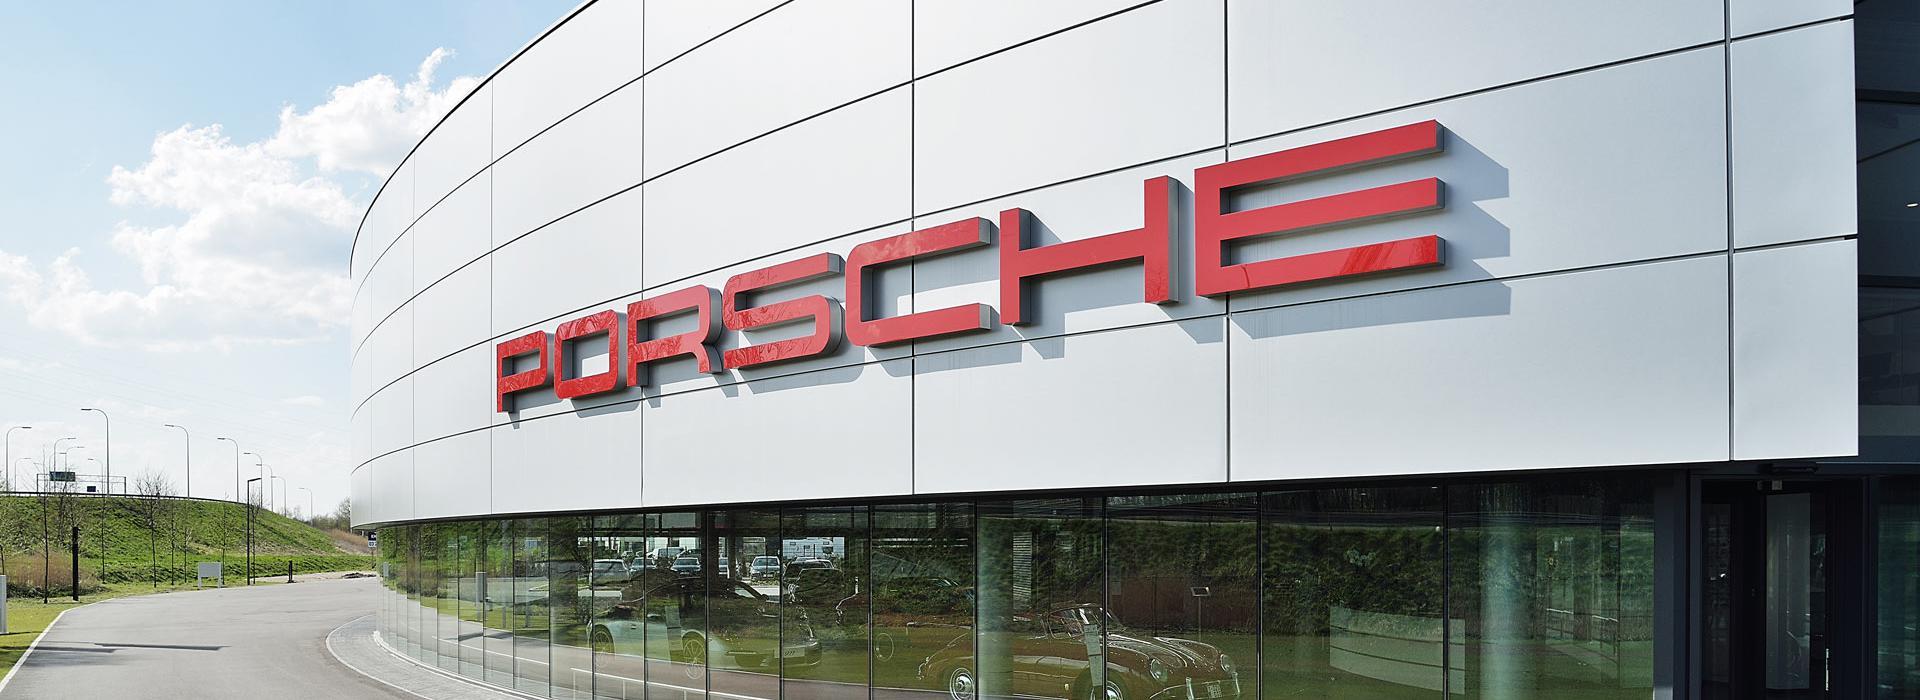 porsche-001